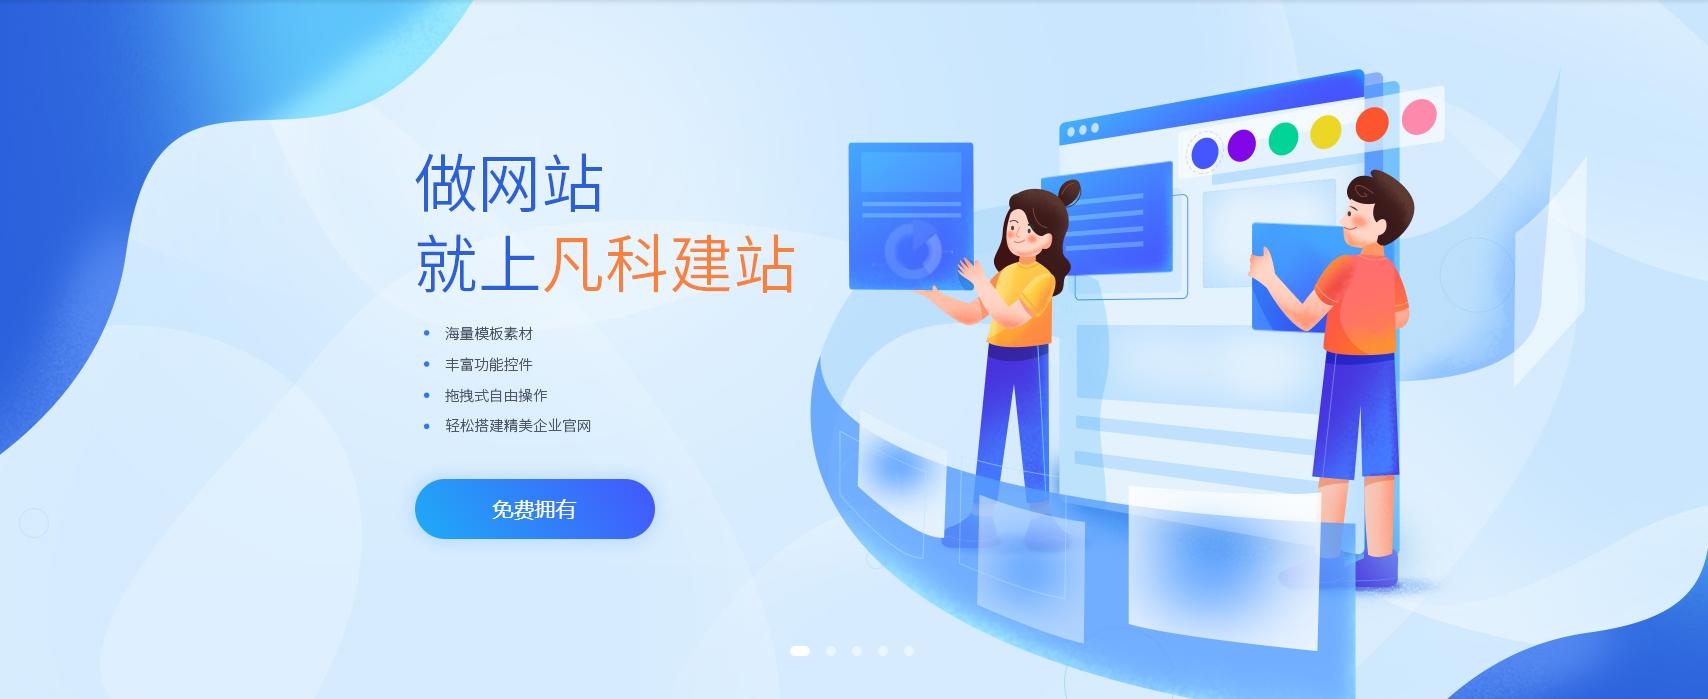 网站建设产品营销网站